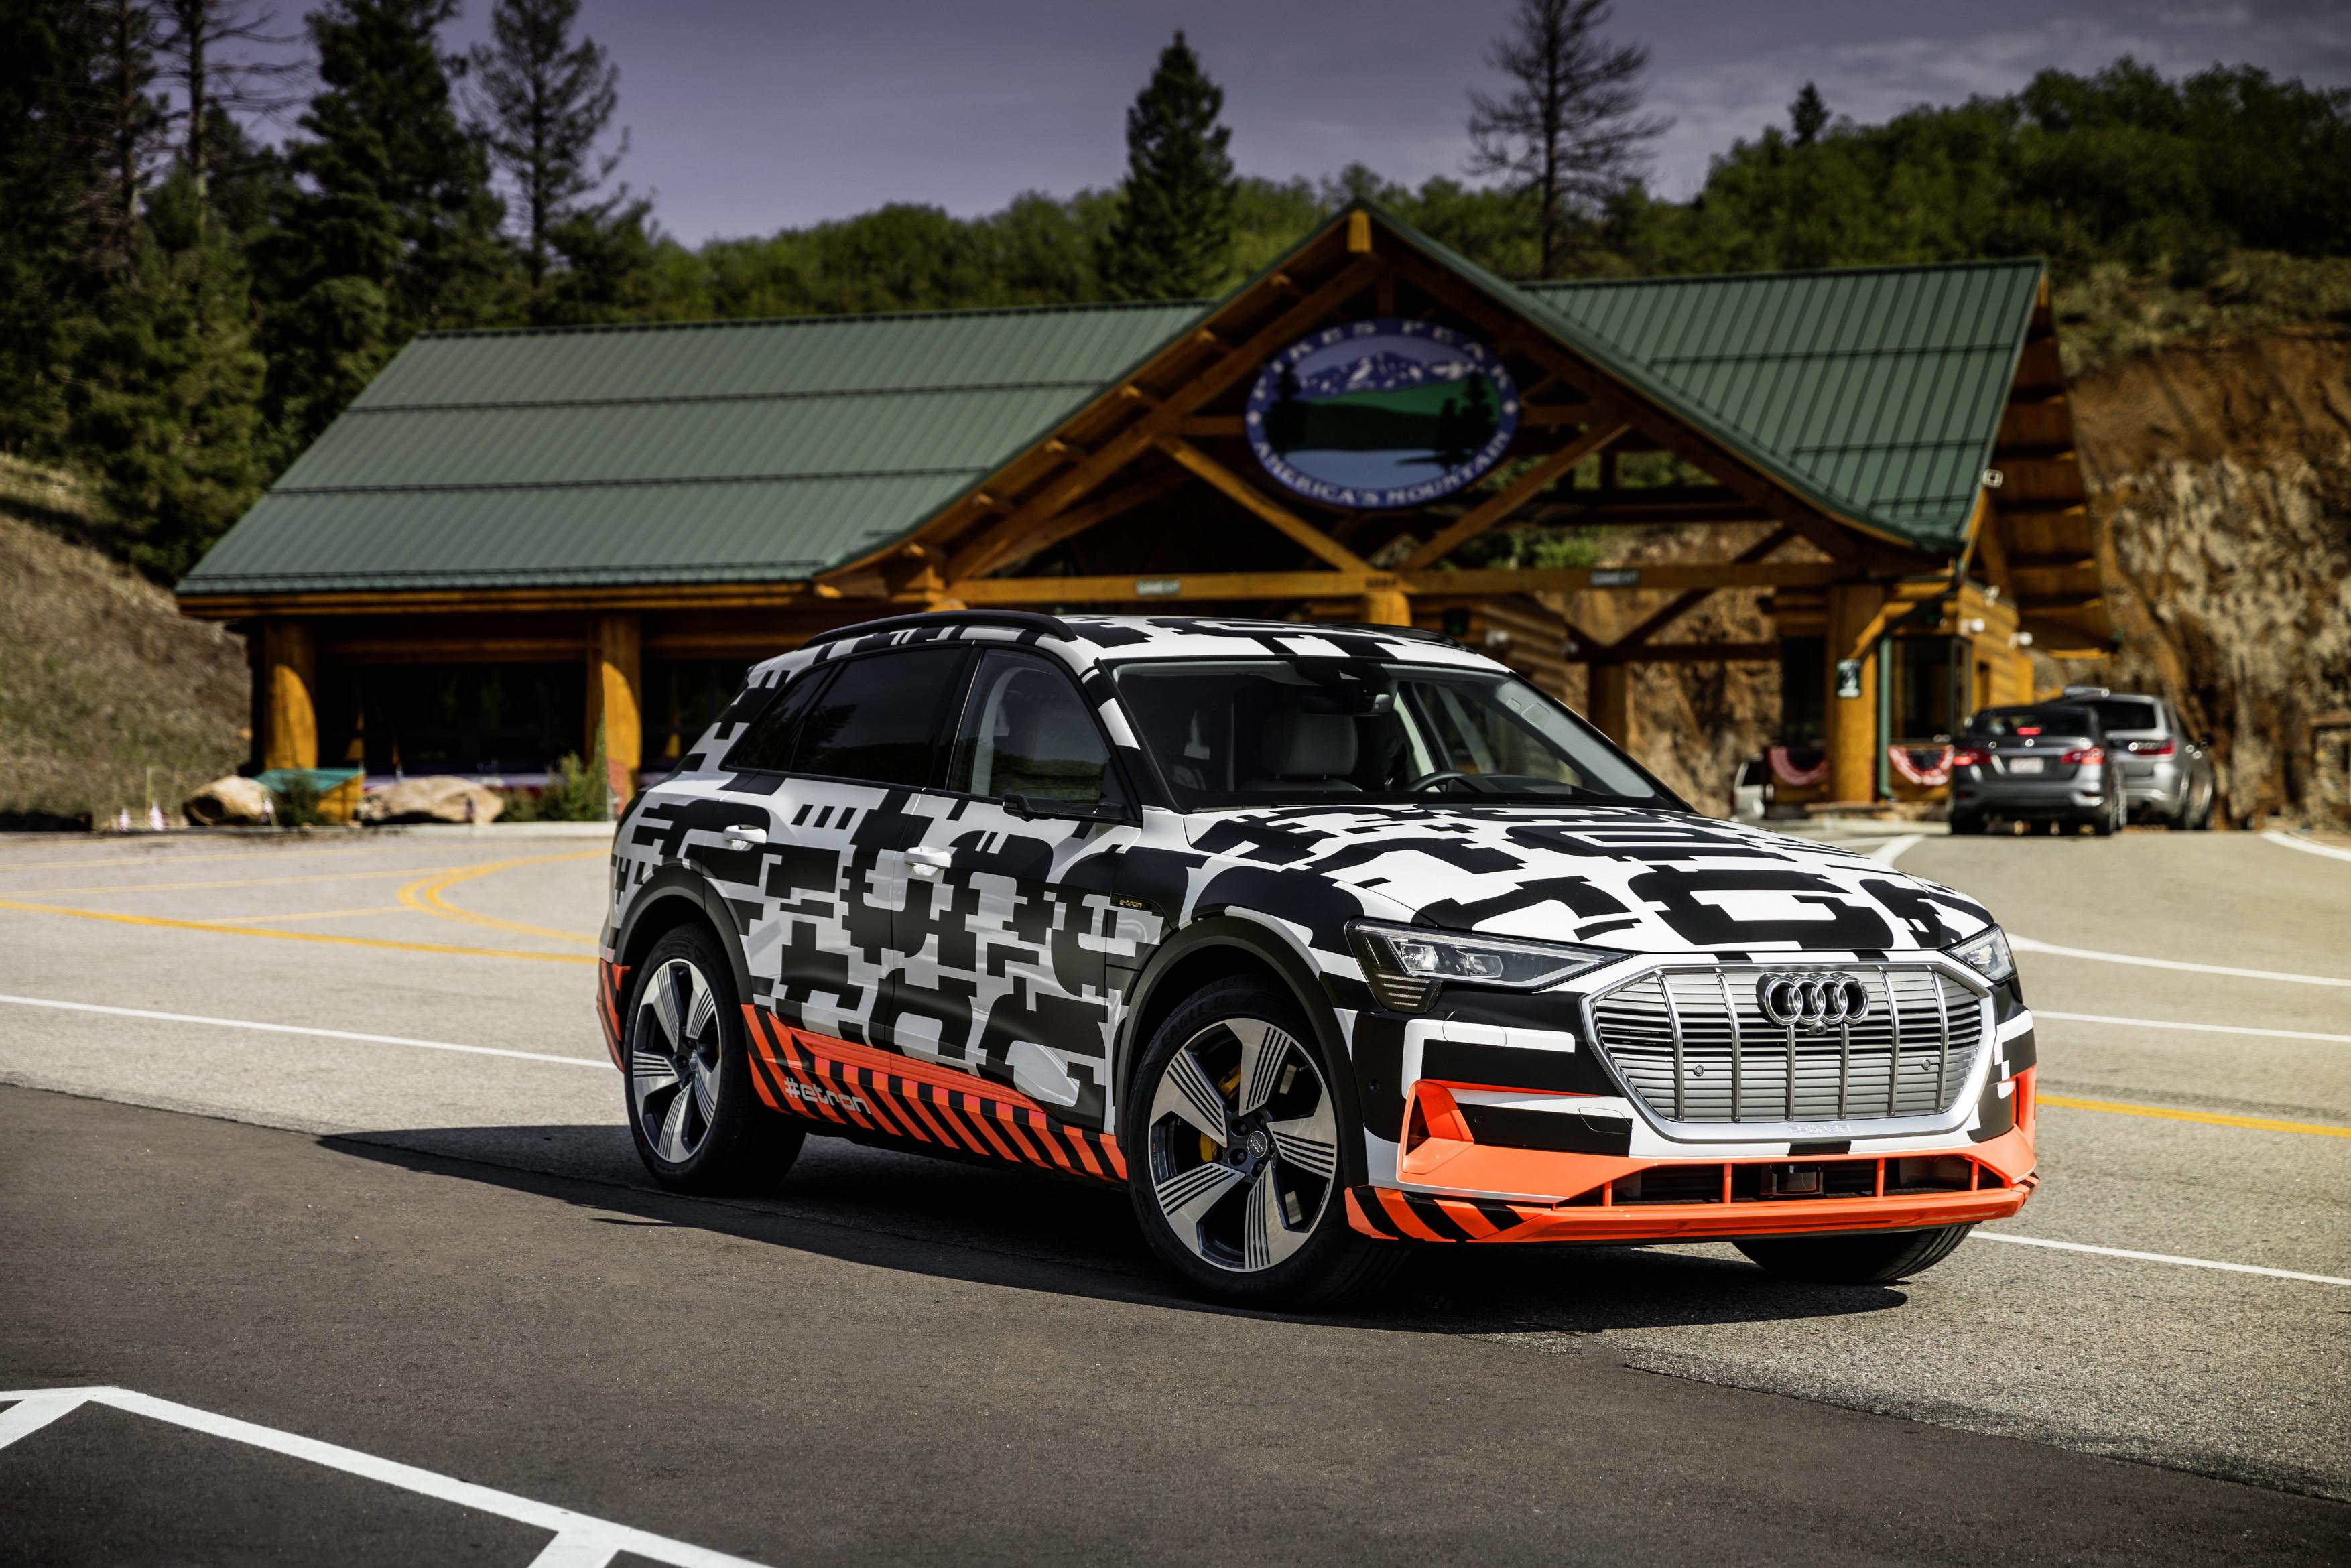 Audi e-tron details confirmed